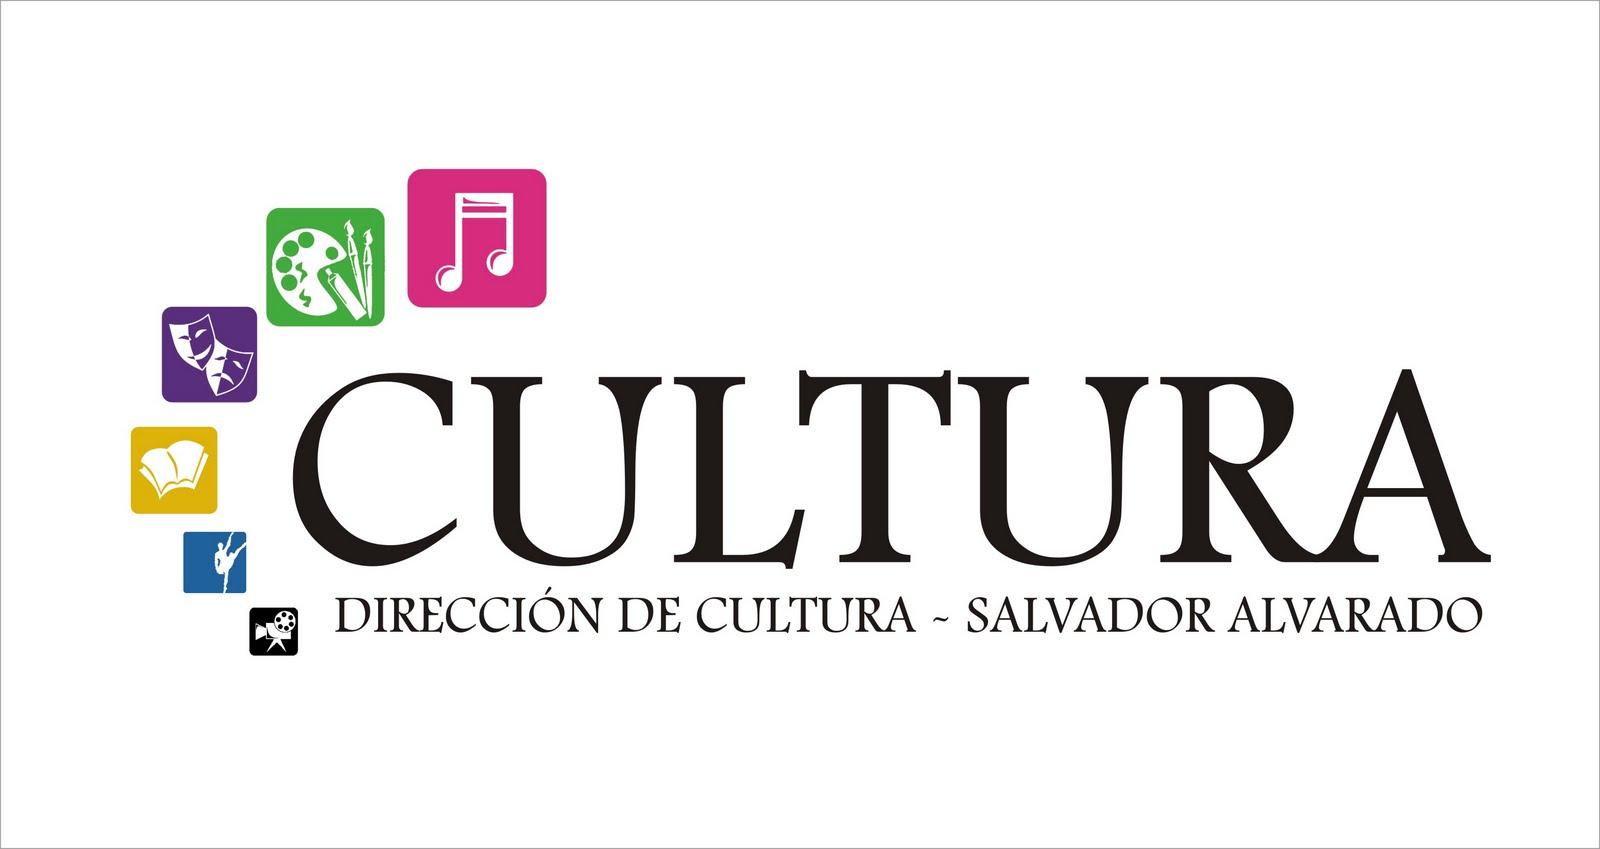 Dirección de Cultura de Salvador Alvarado